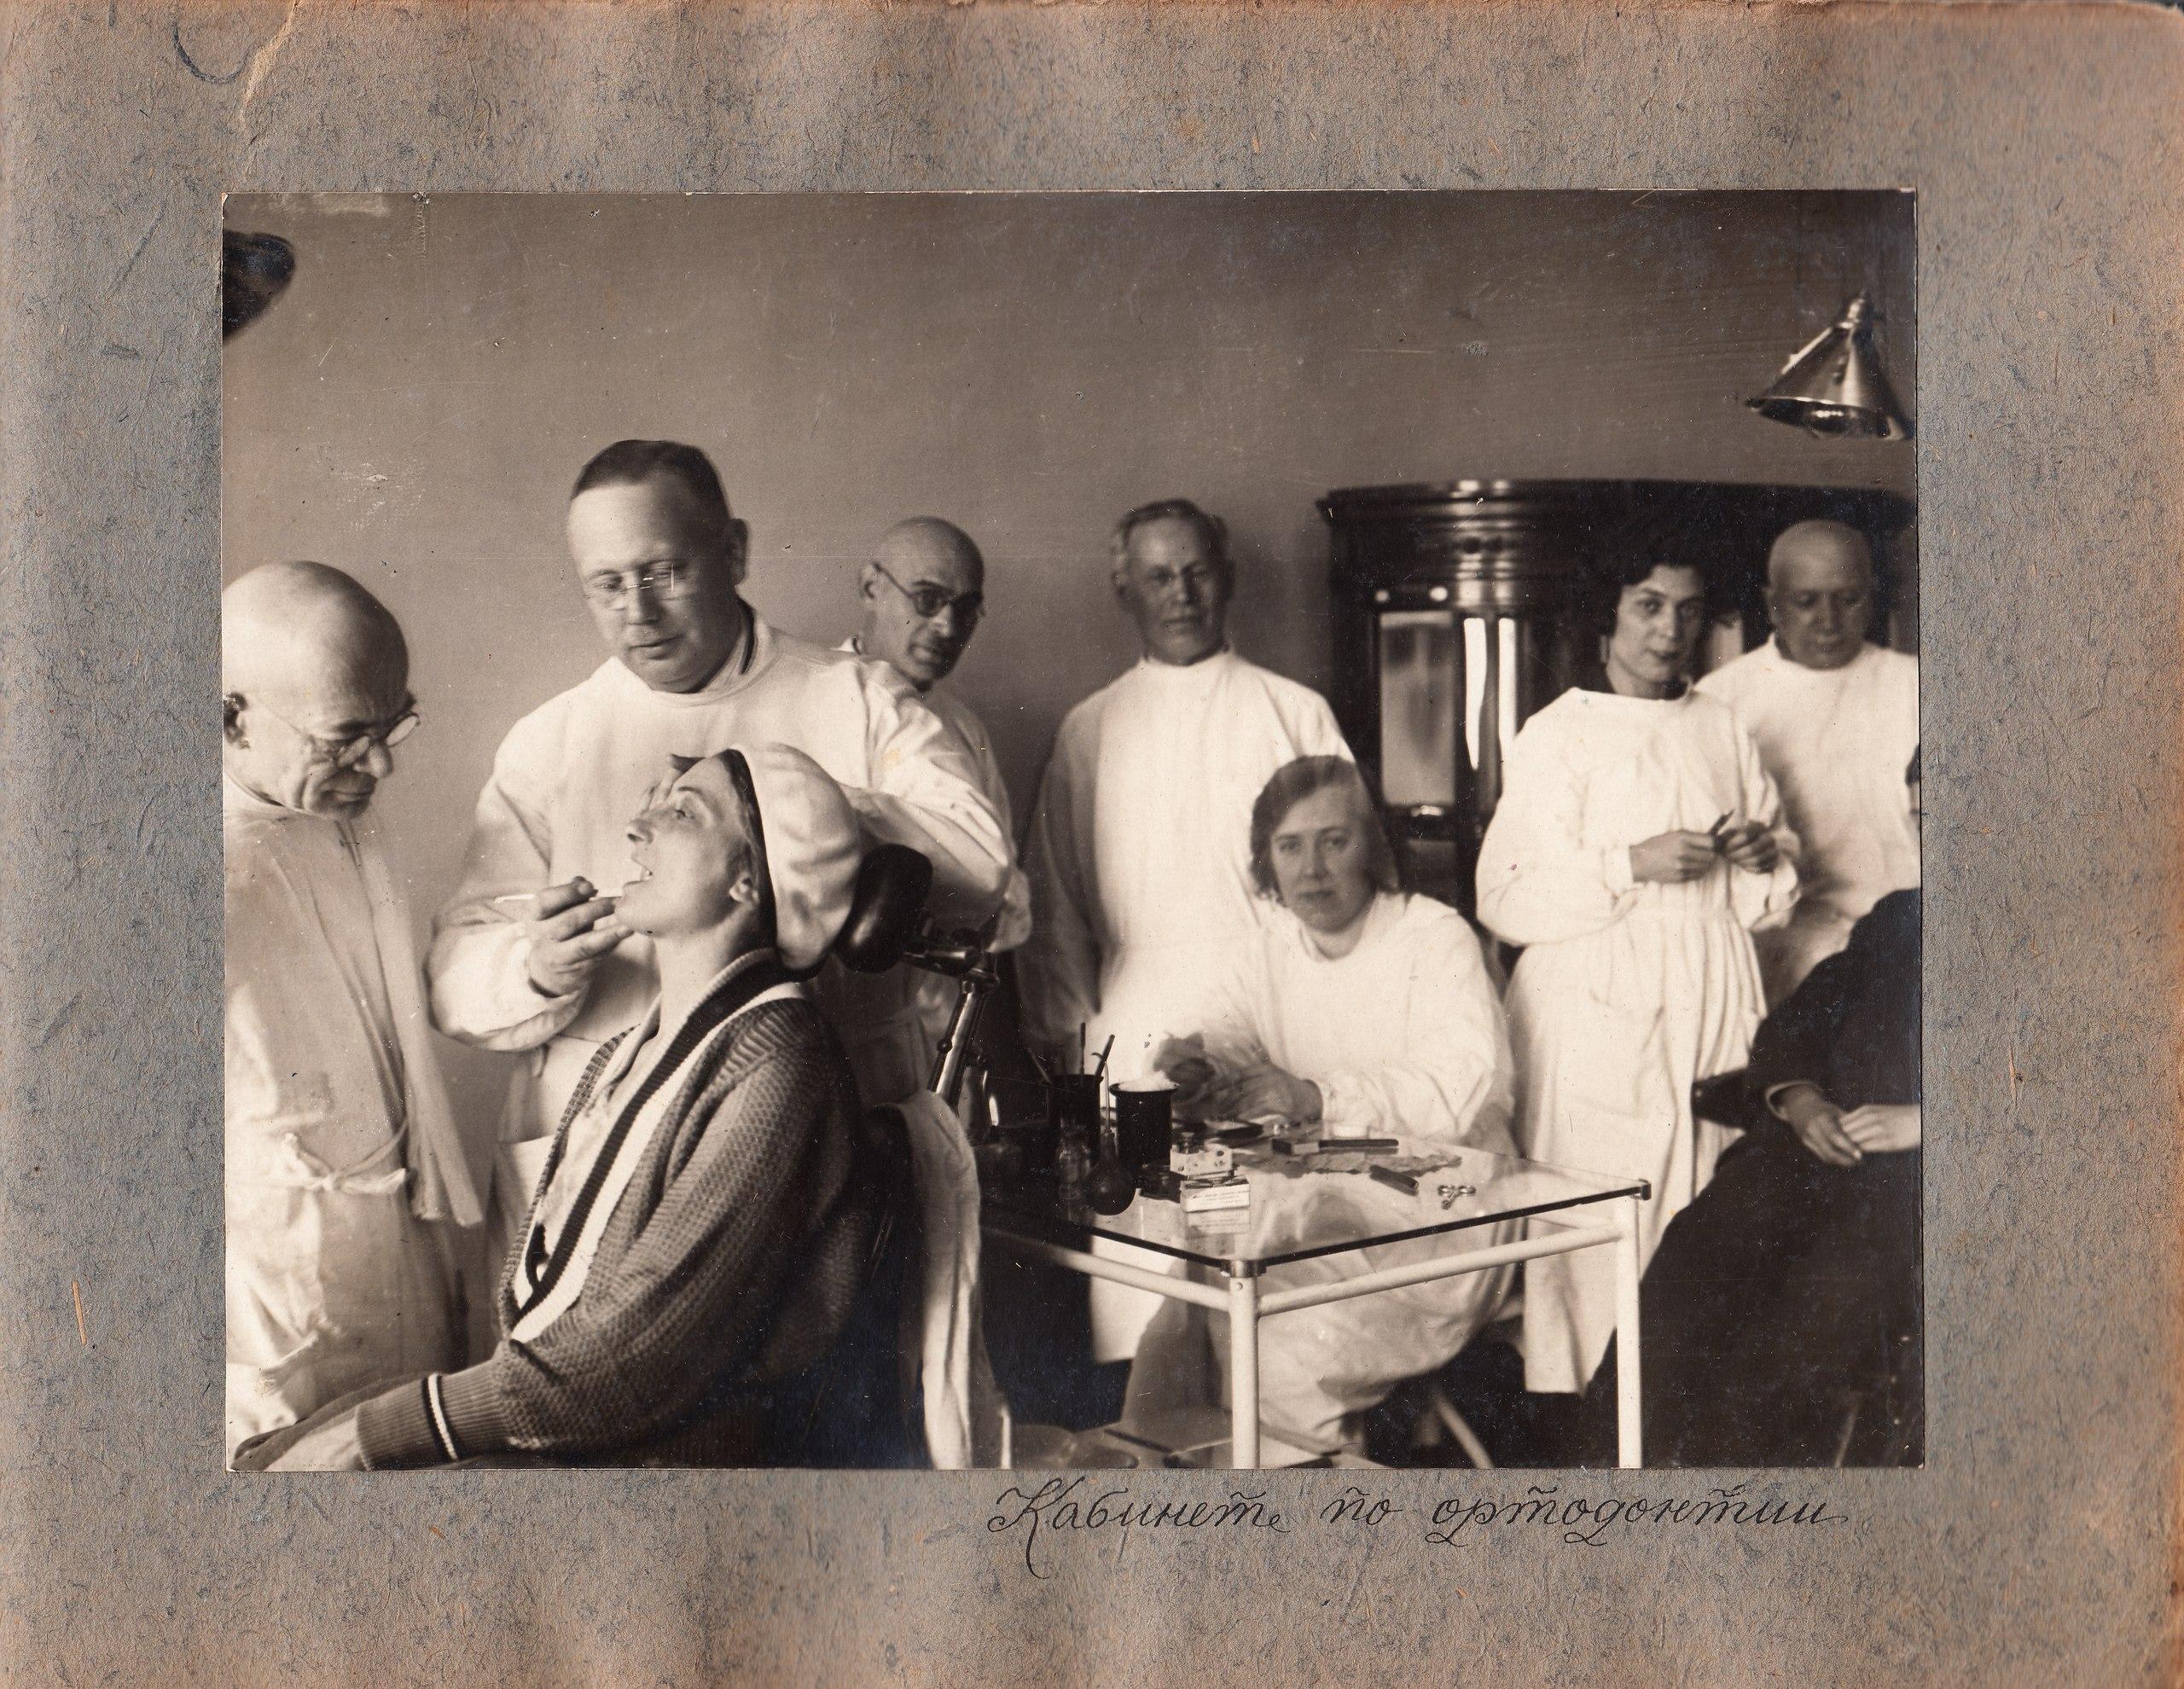 Кабинет по ортодонтии